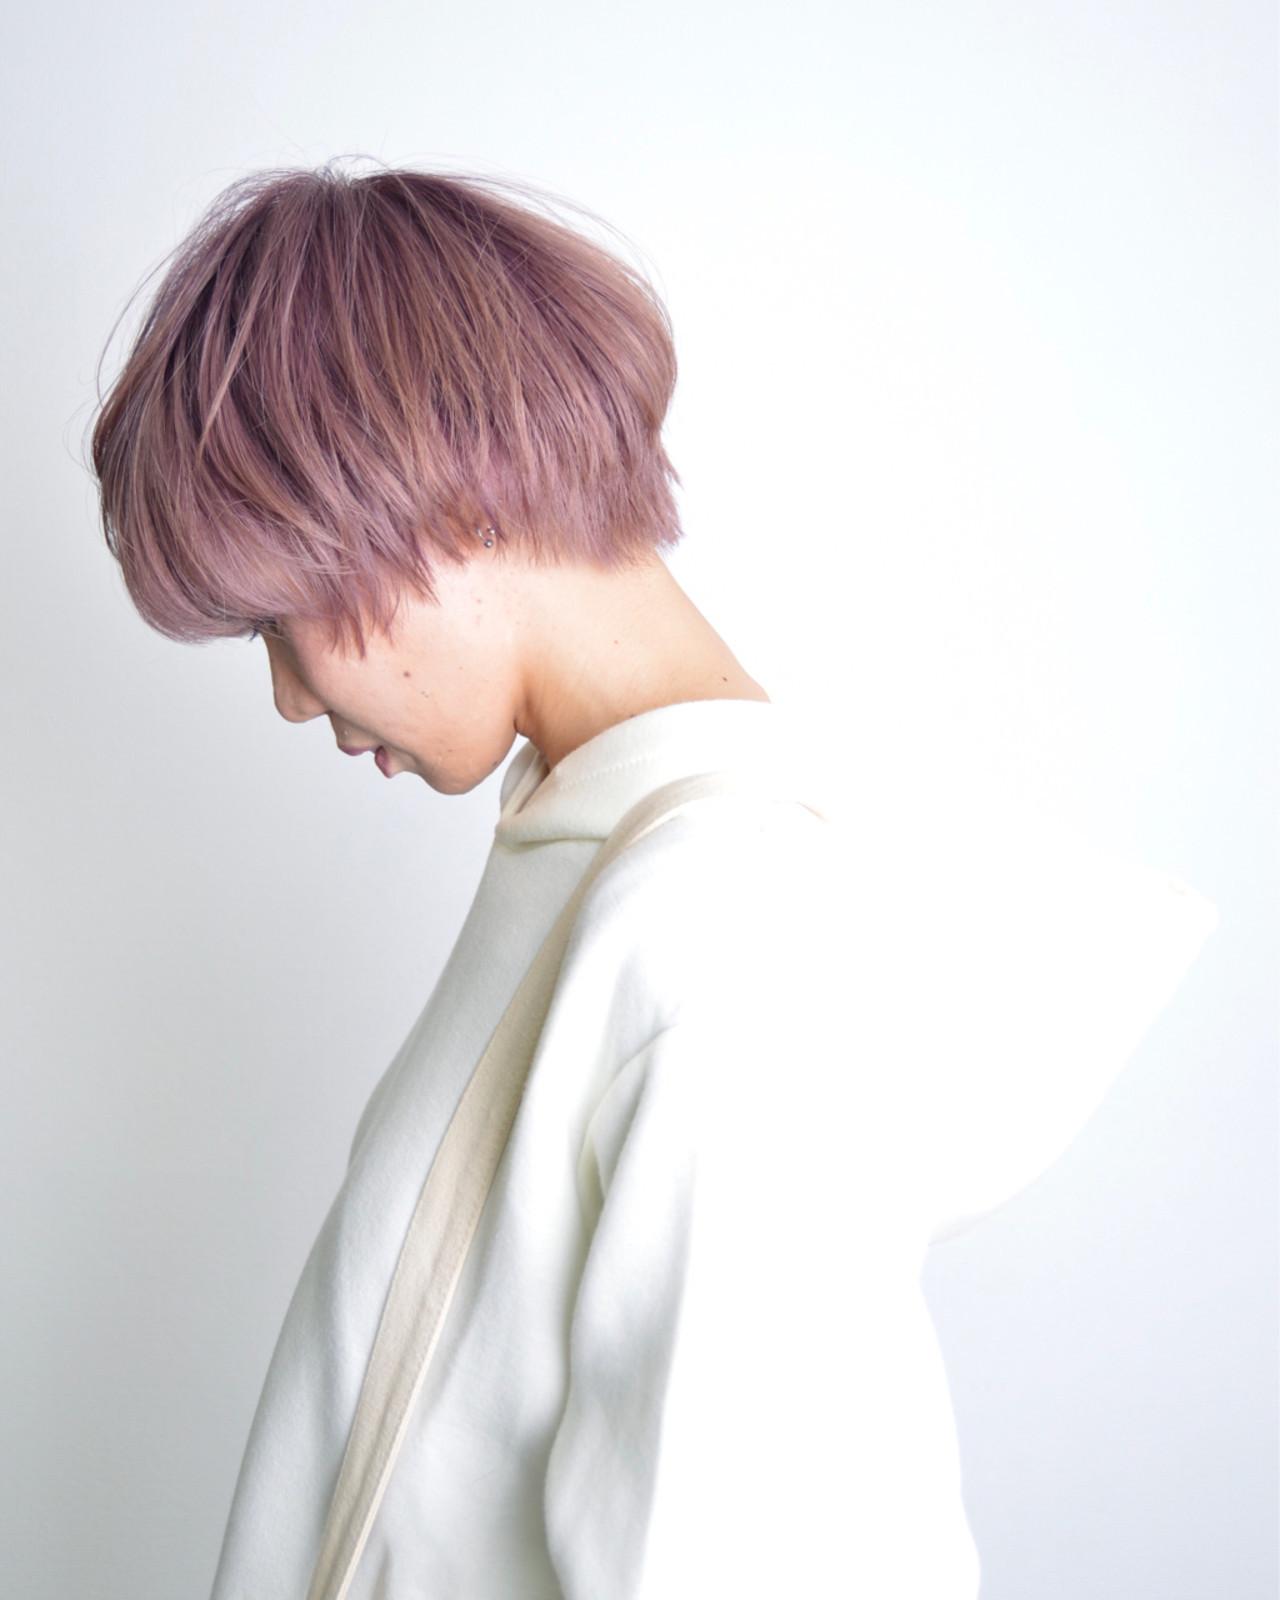 ニュアンス ラベンダーピンク ショート モード ヘアスタイルや髪型の写真・画像